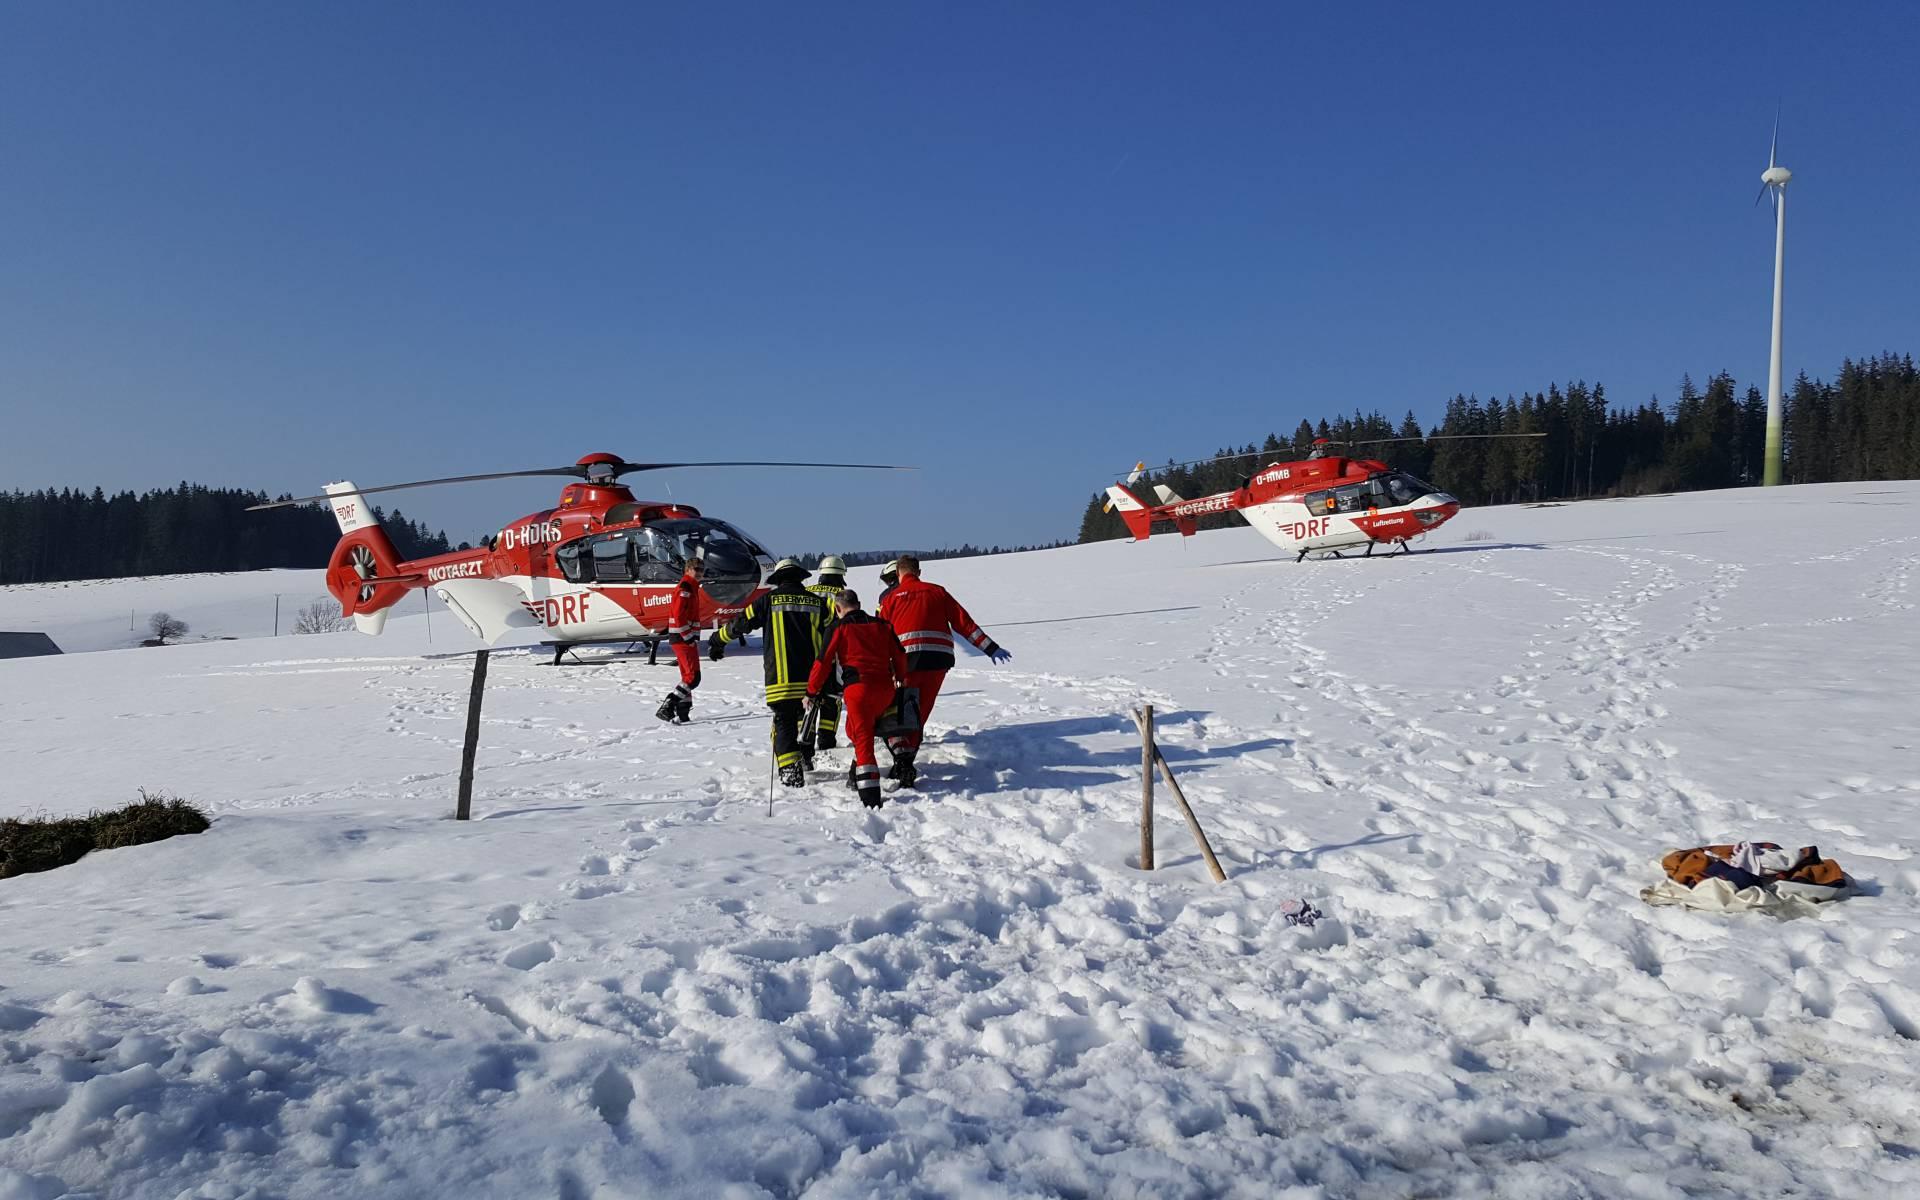 Die Besatzungen der DRF Luftrettung aus Villingen-Schwenningen und Freiburg waren vor Ort, um den Landwirt und dessen Sohn medizinisch zu versorgen und anschließend schnell in ein geeignetes Krankenhaus zu transportieren.